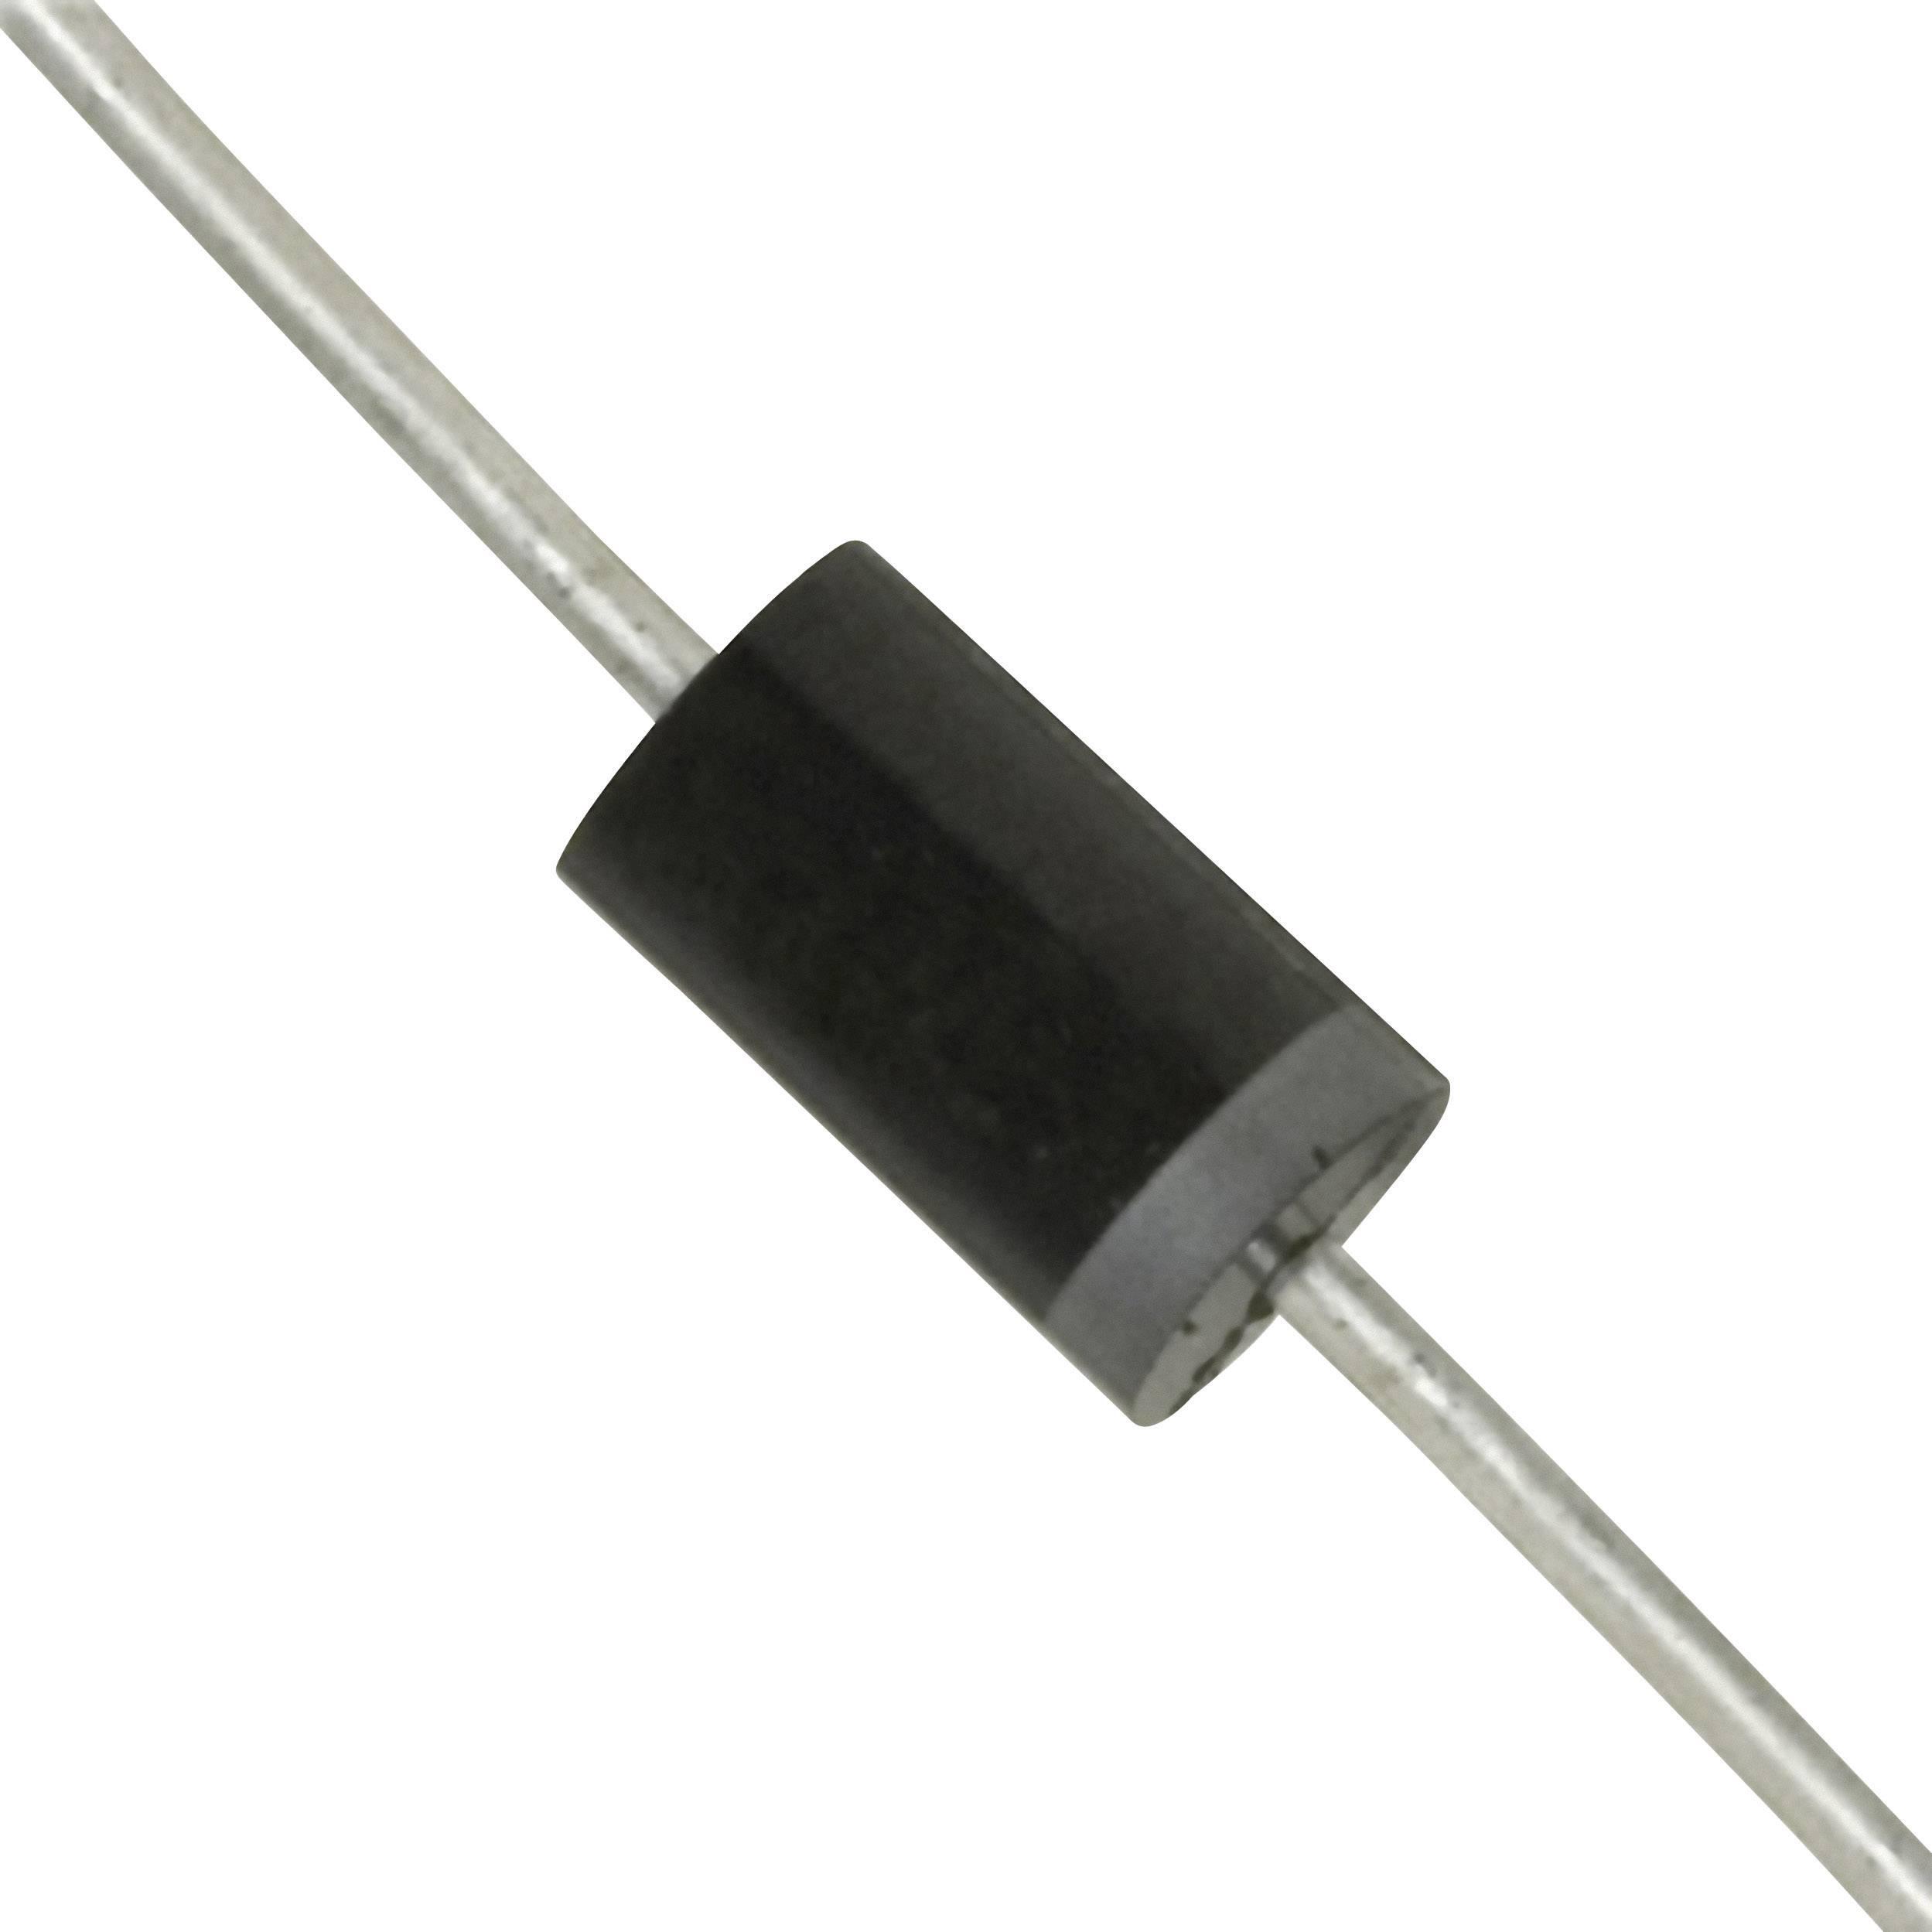 Zenerova dioda Diotec ZPD 33 V, 500 mW, DO 35 P